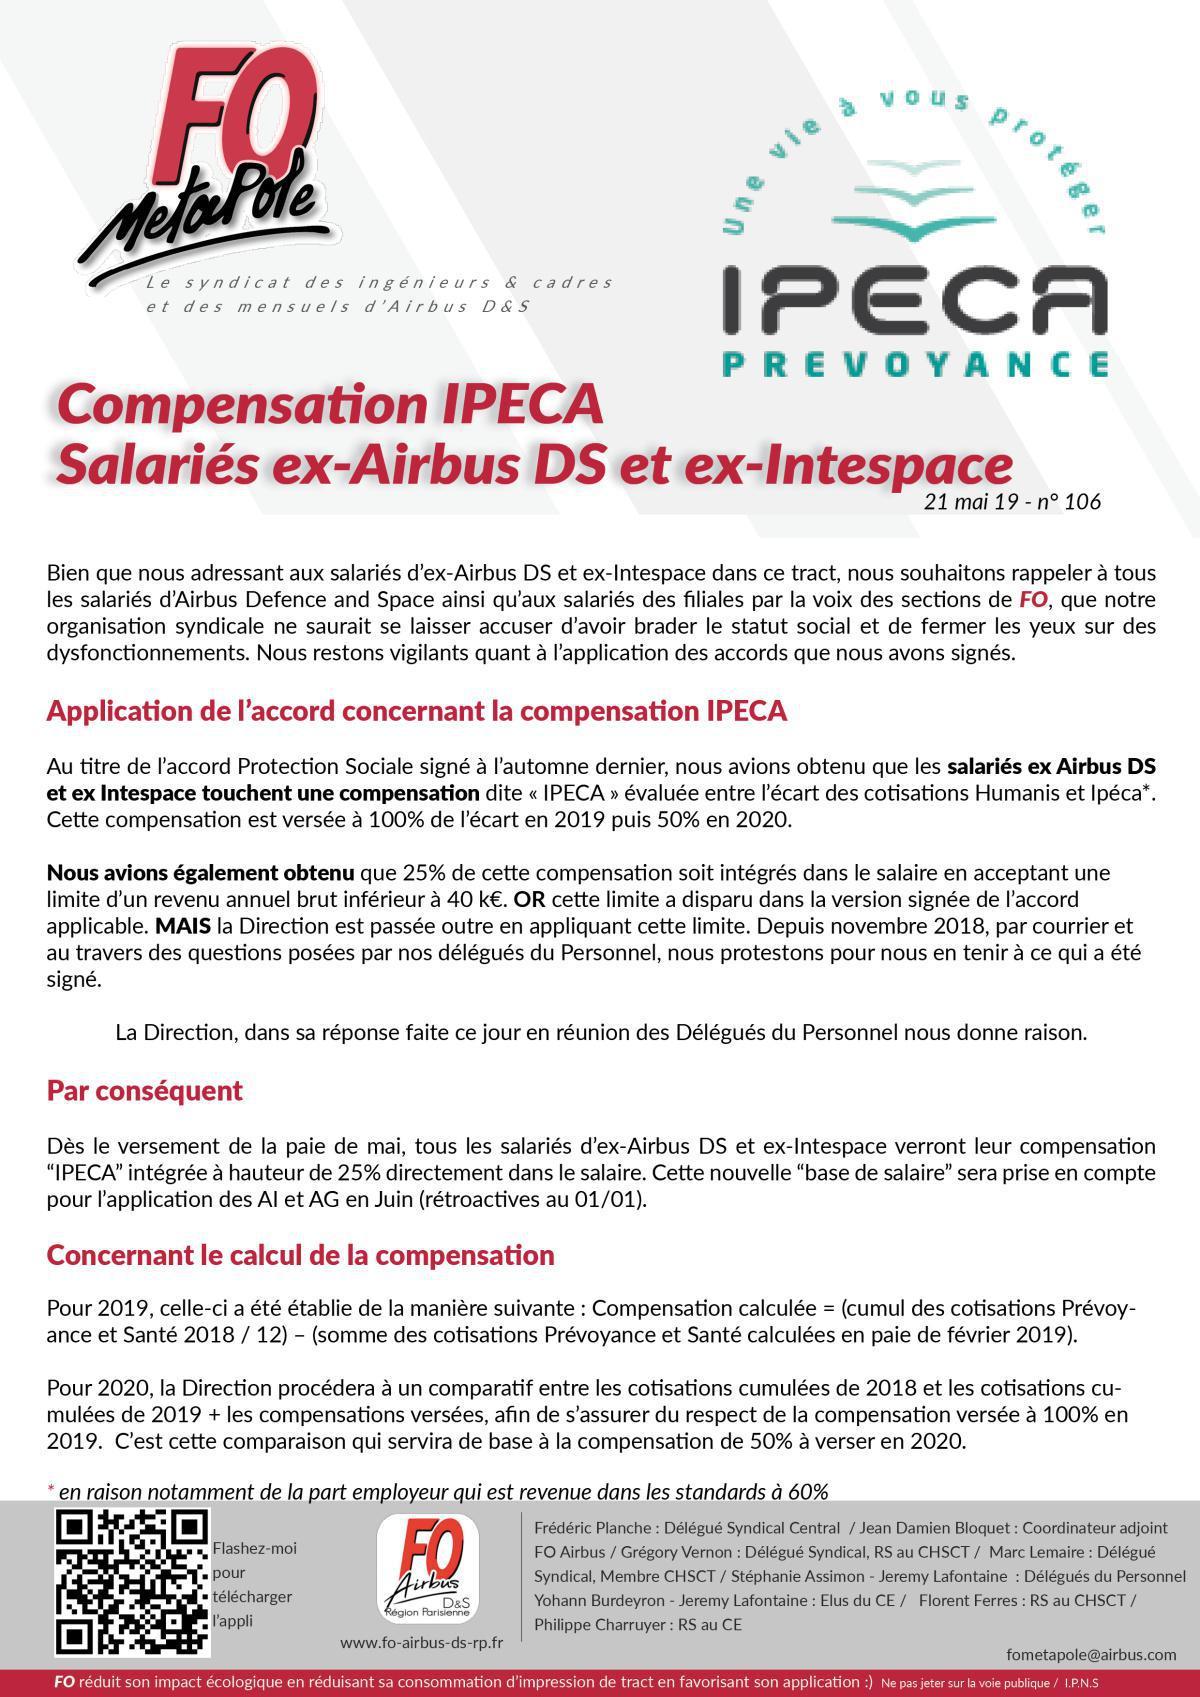 Compensation IPECA du nouveau pour les salariés ex Airbus DS